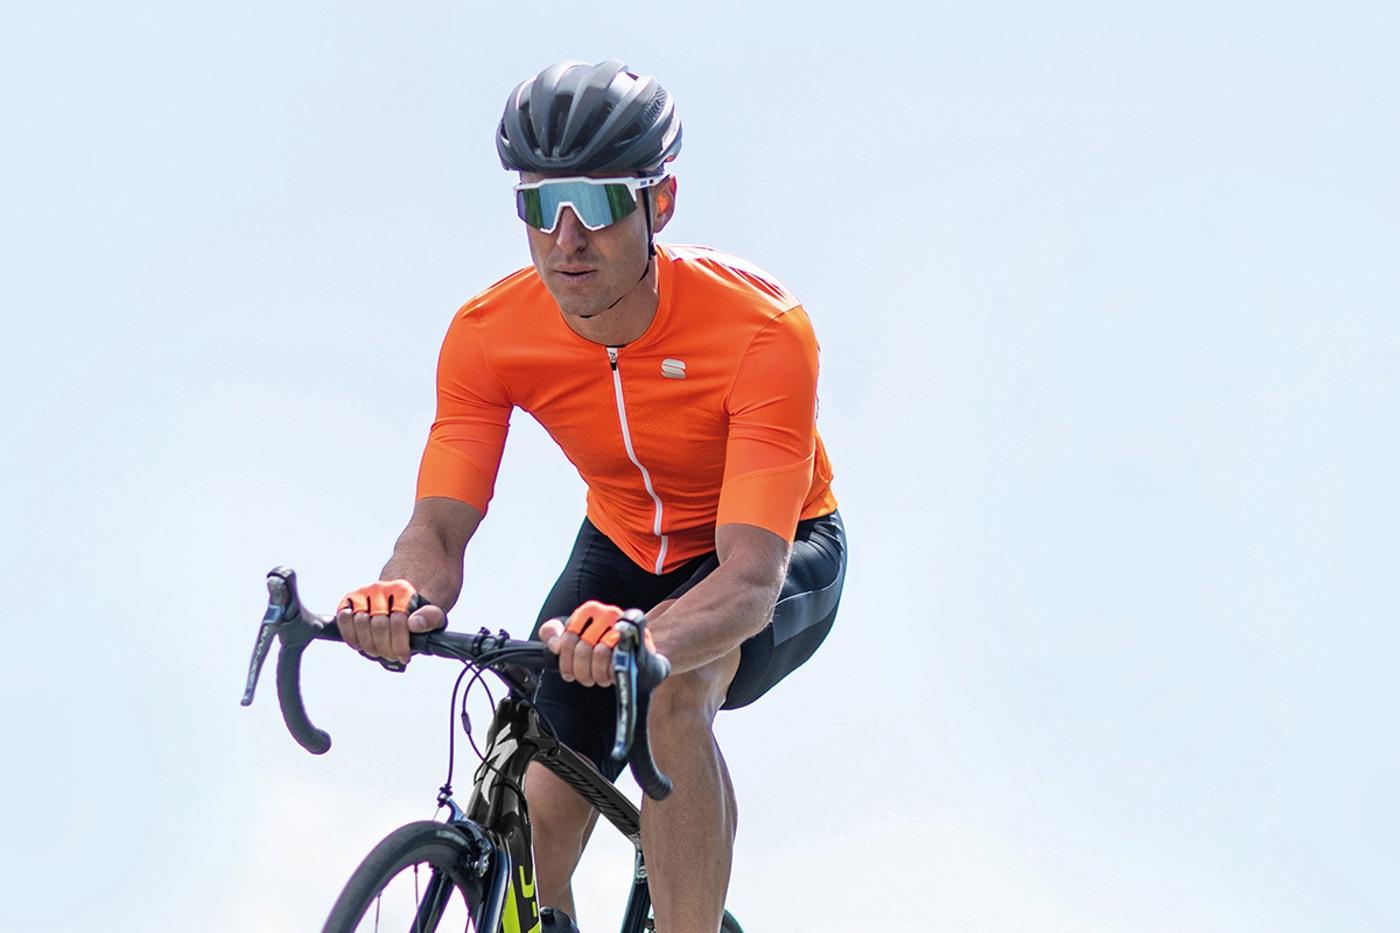 Nuevos maillots de primavera-verano Sportful Monocrom, GTS y Team 2.0 Ribbon